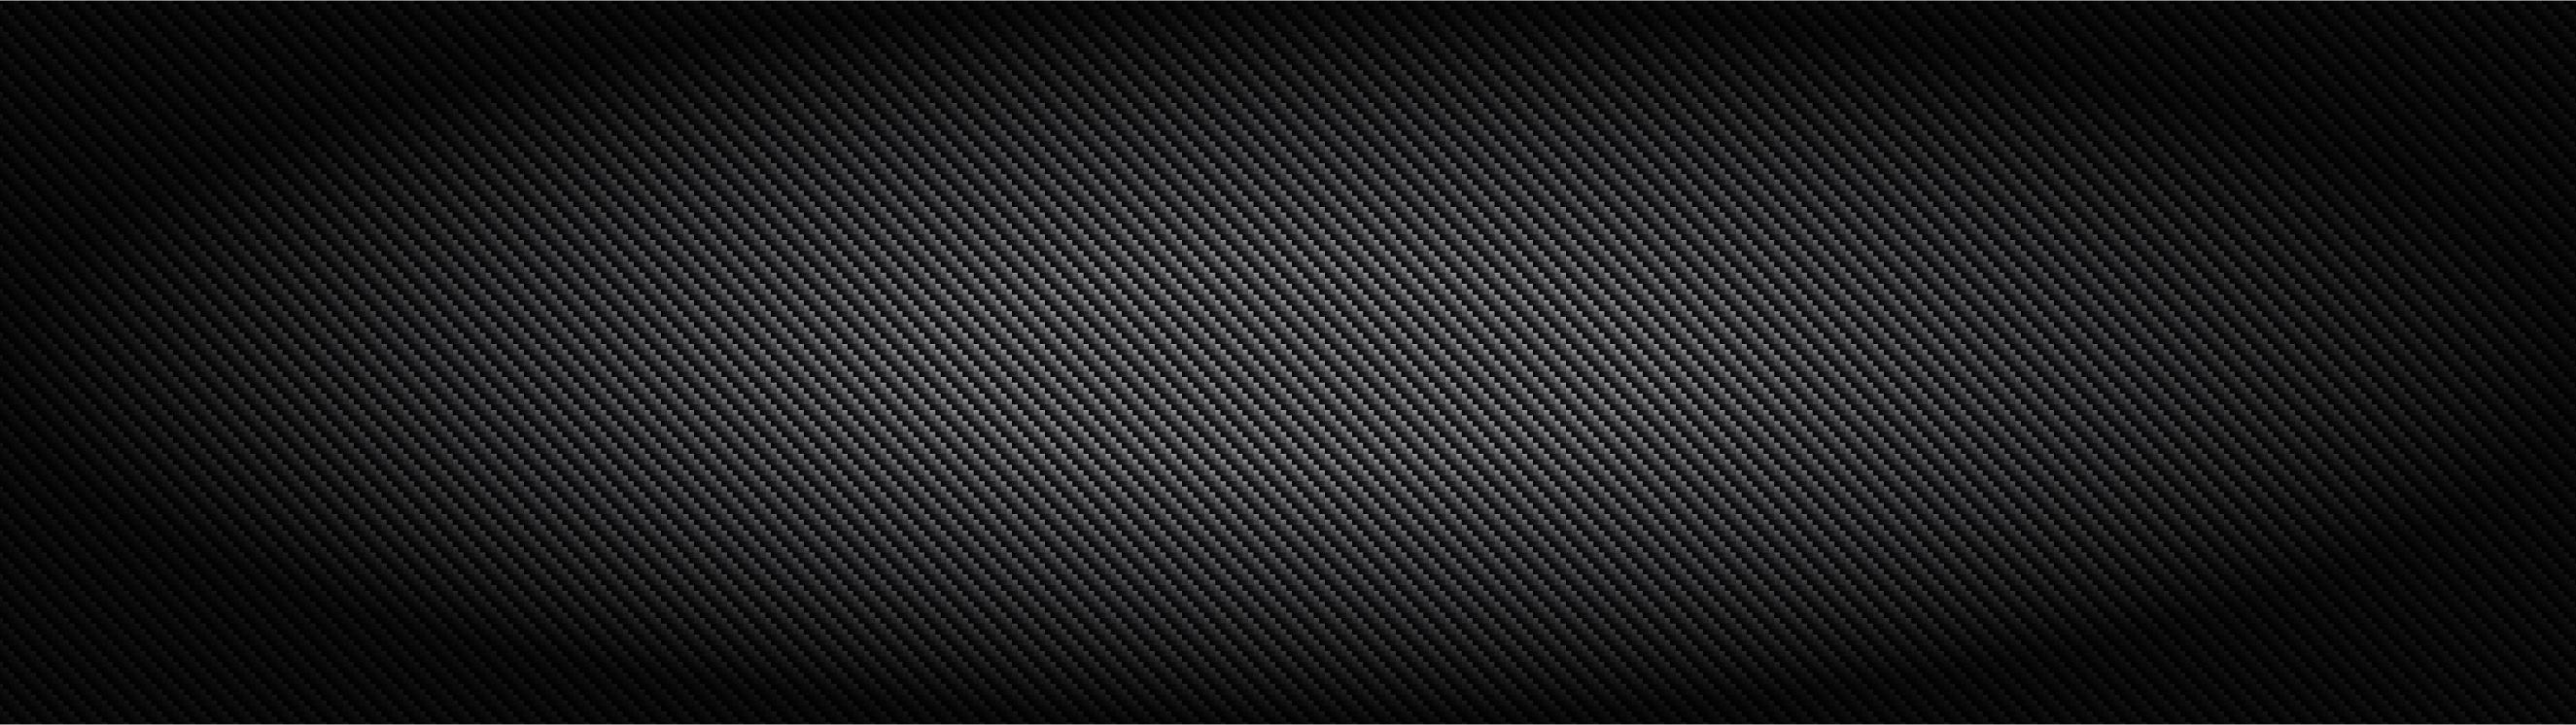 Carbon-Fiber-Slide